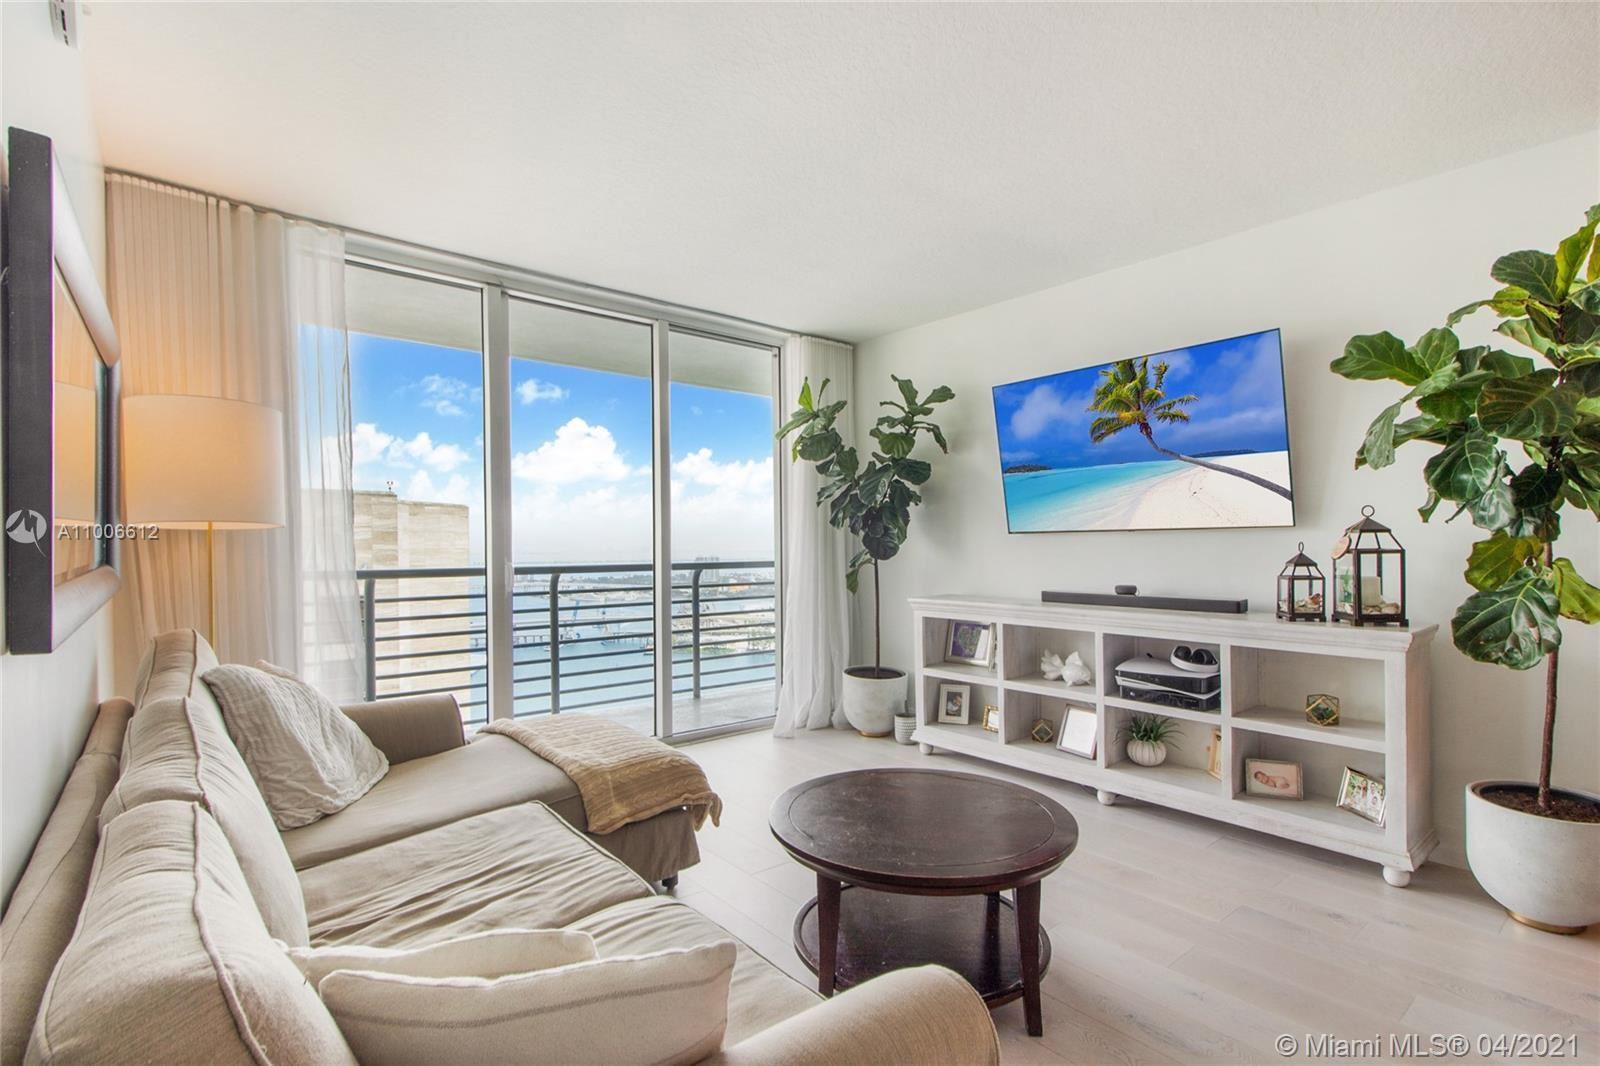 335 S Biscayne Blvd #3808, Miami, FL 33131 - #: A11006612